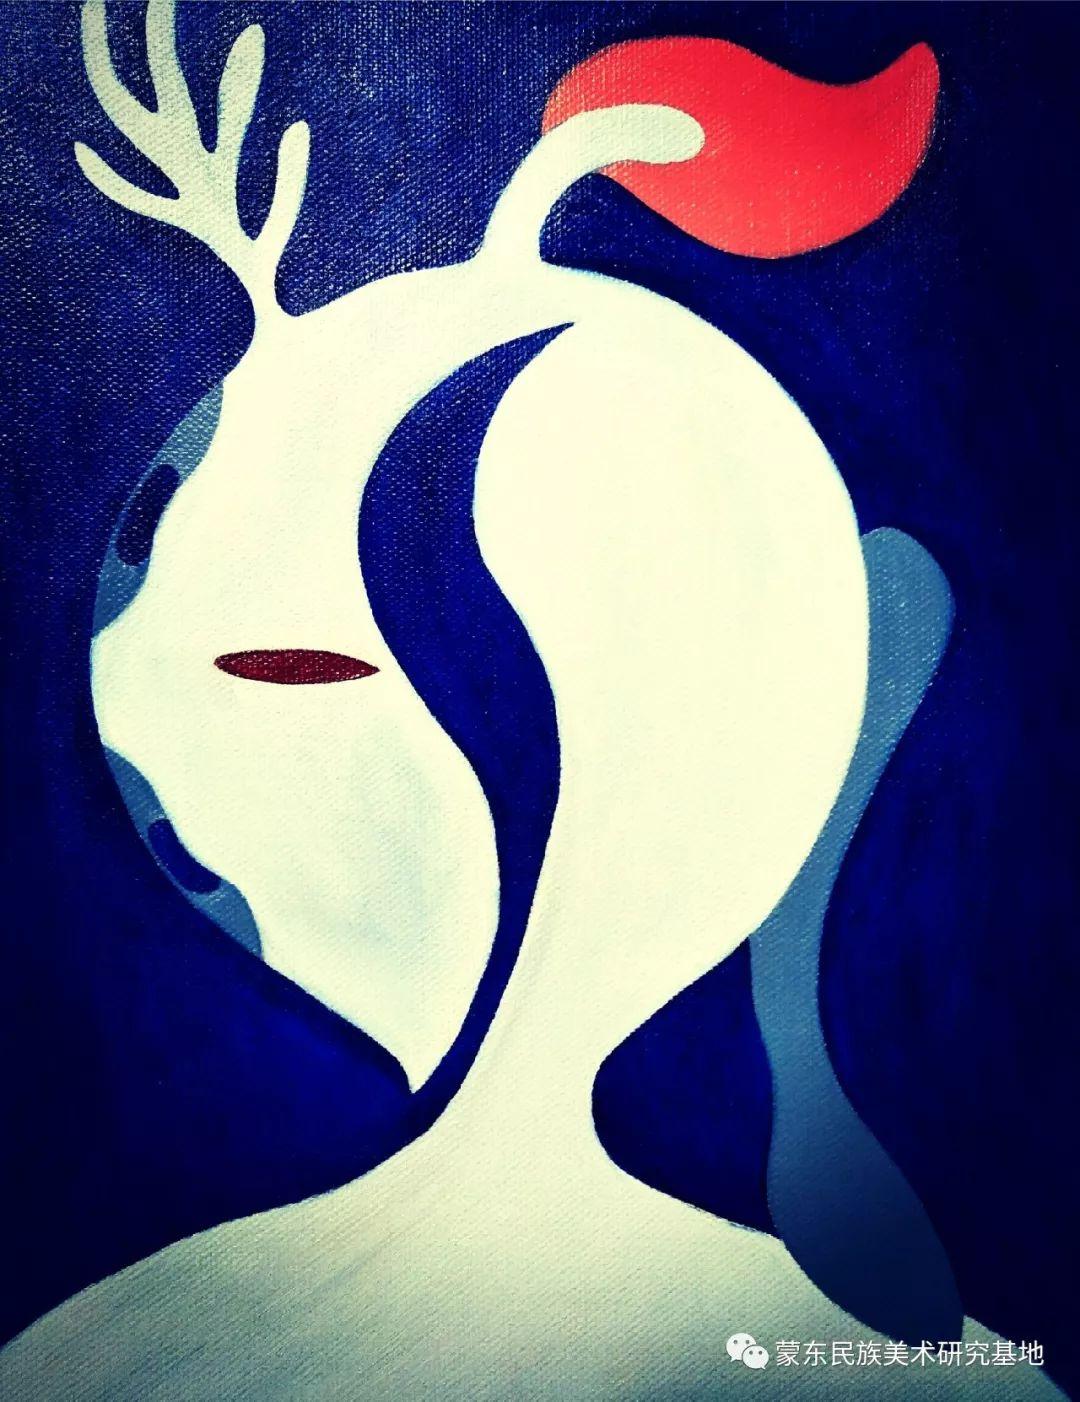 娜恩达拉油画作品——中国少数民族美术促进会,蒙东民族美术研究基地画家系列 第1张 娜恩达拉油画作品——中国少数民族美术促进会,蒙东民族美术研究基地画家系列 蒙古画廊